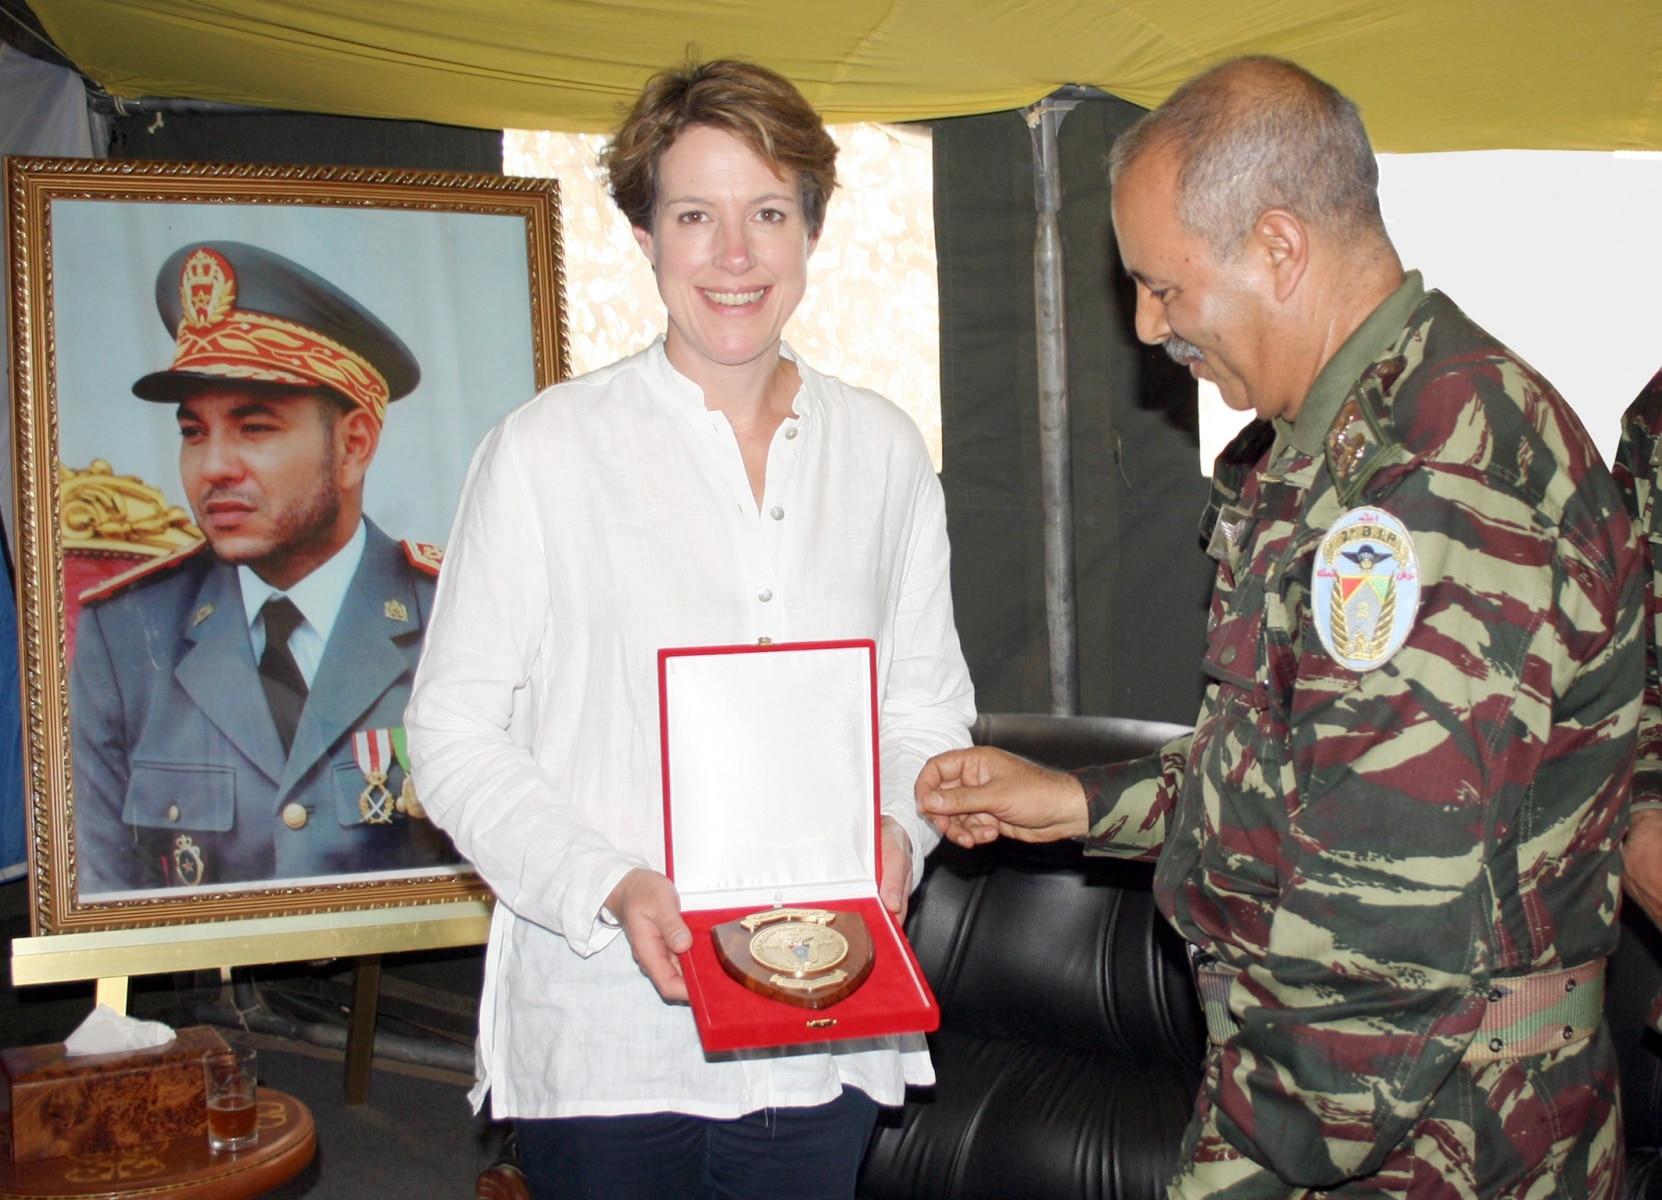 jebel-sahara-1-el-cnel-cte-badr-entrega-una-placa-a-la-embajadora-del-reino-unido-en-marruecos_23091556746_o